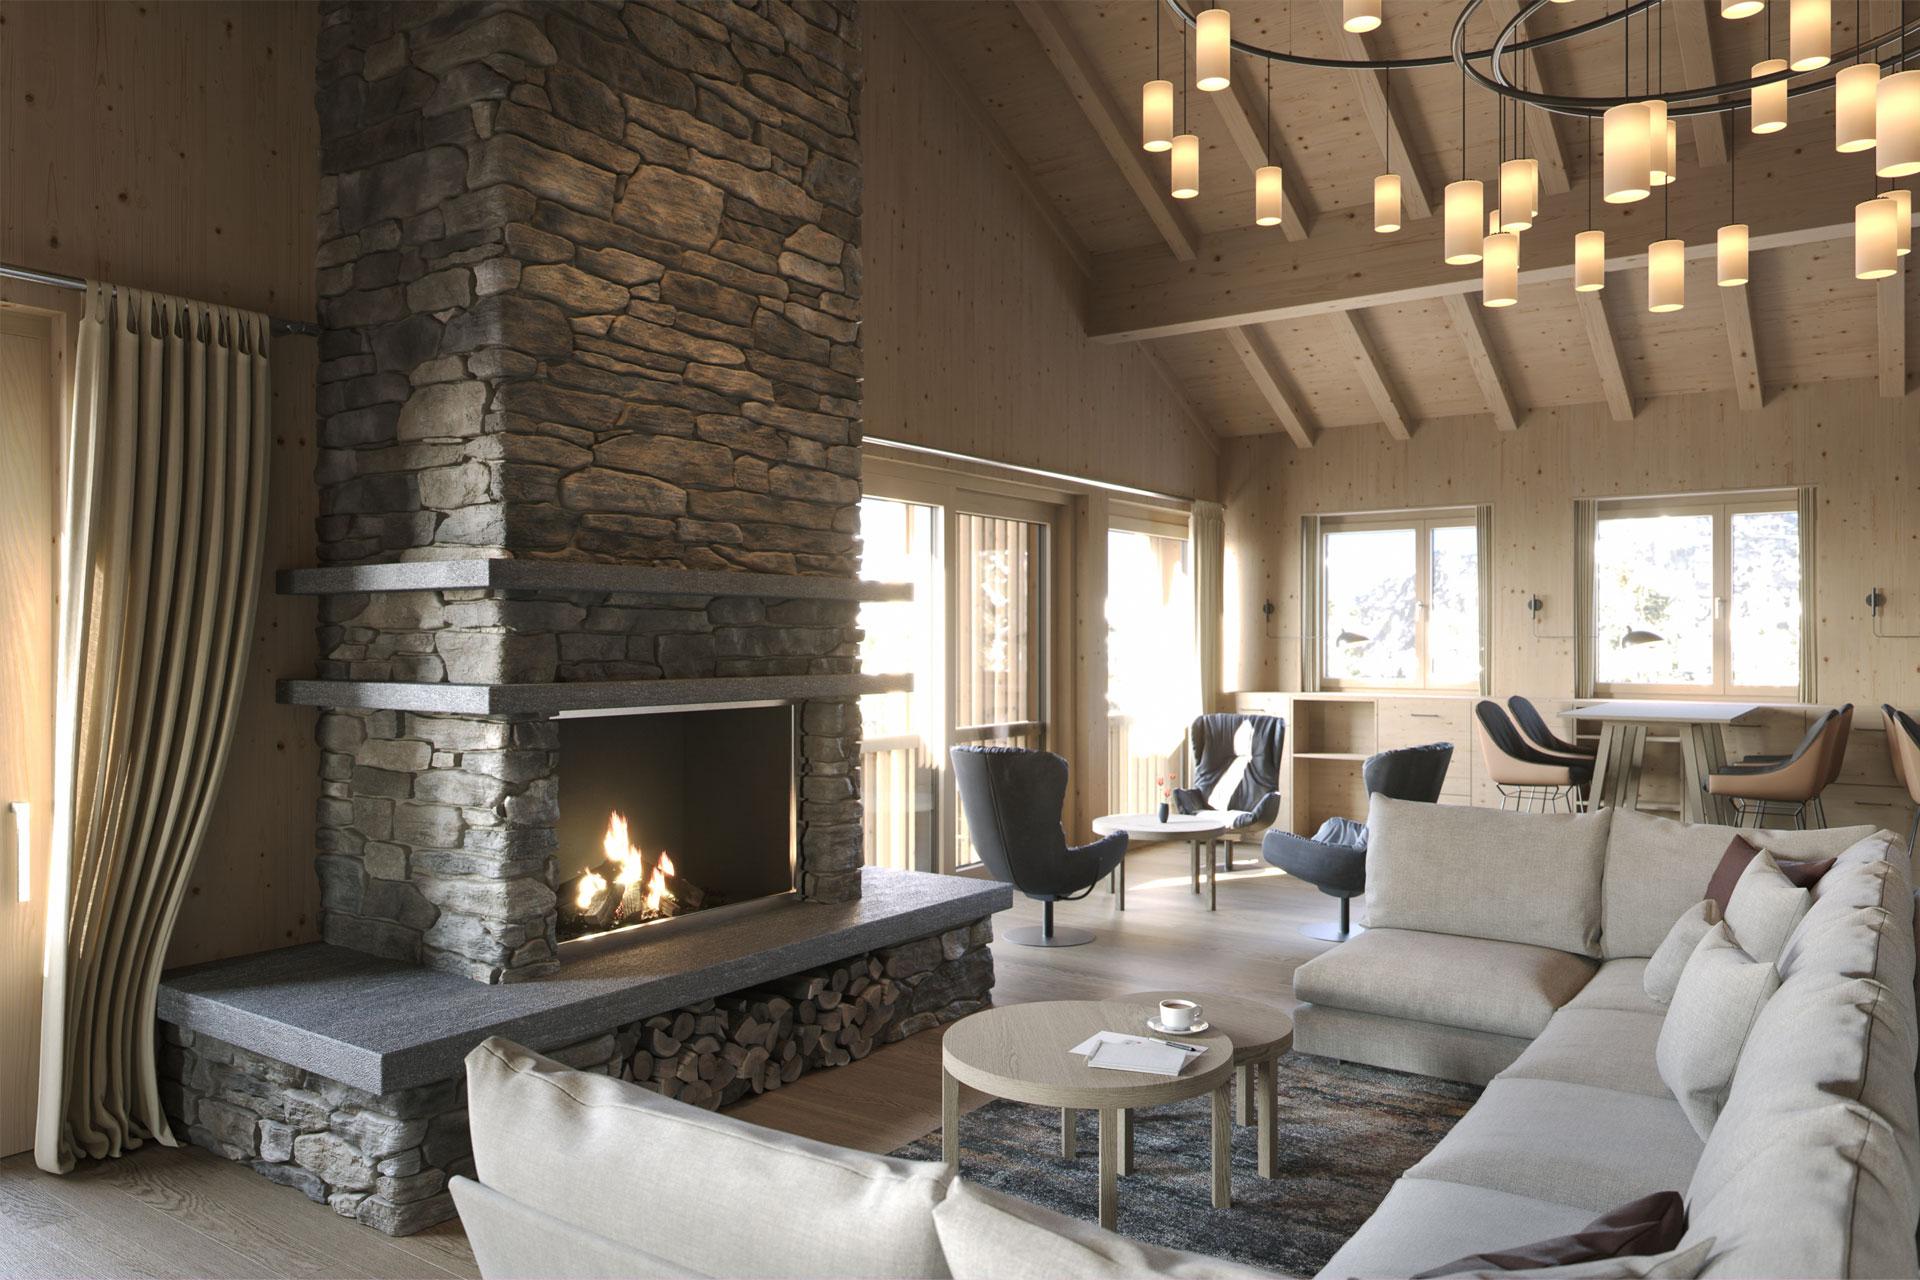 Innenansicht einer Lounge mit großem Sofa, Kamin, Tischen und Stühlen